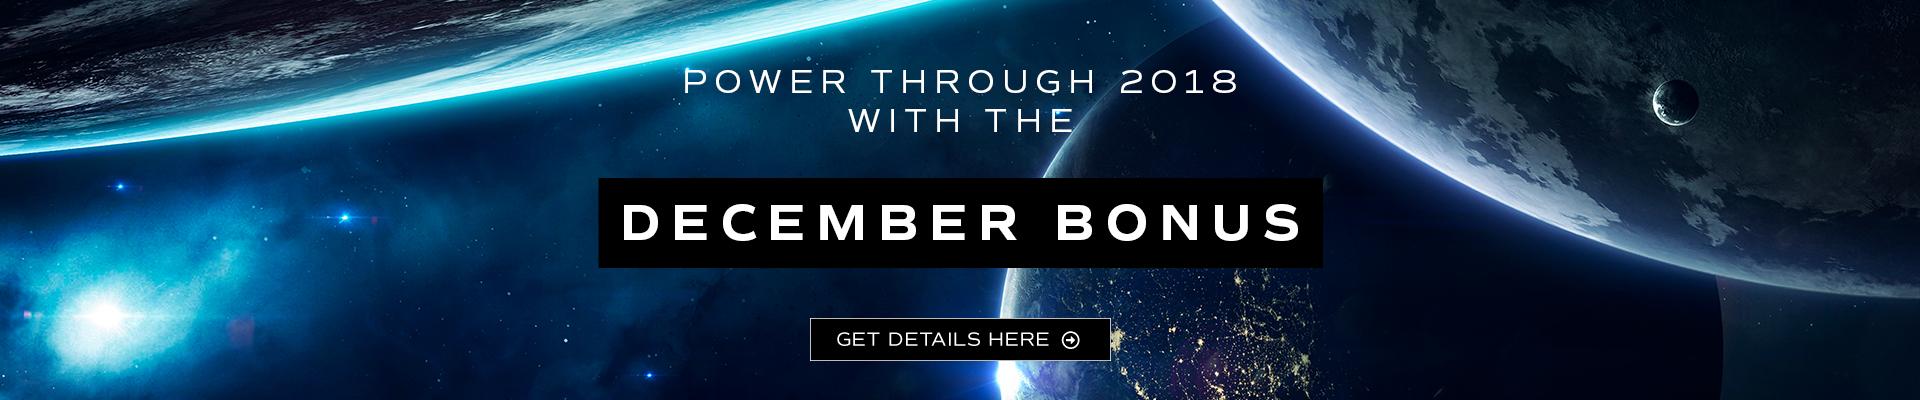 Dec18-Bonus_ENG